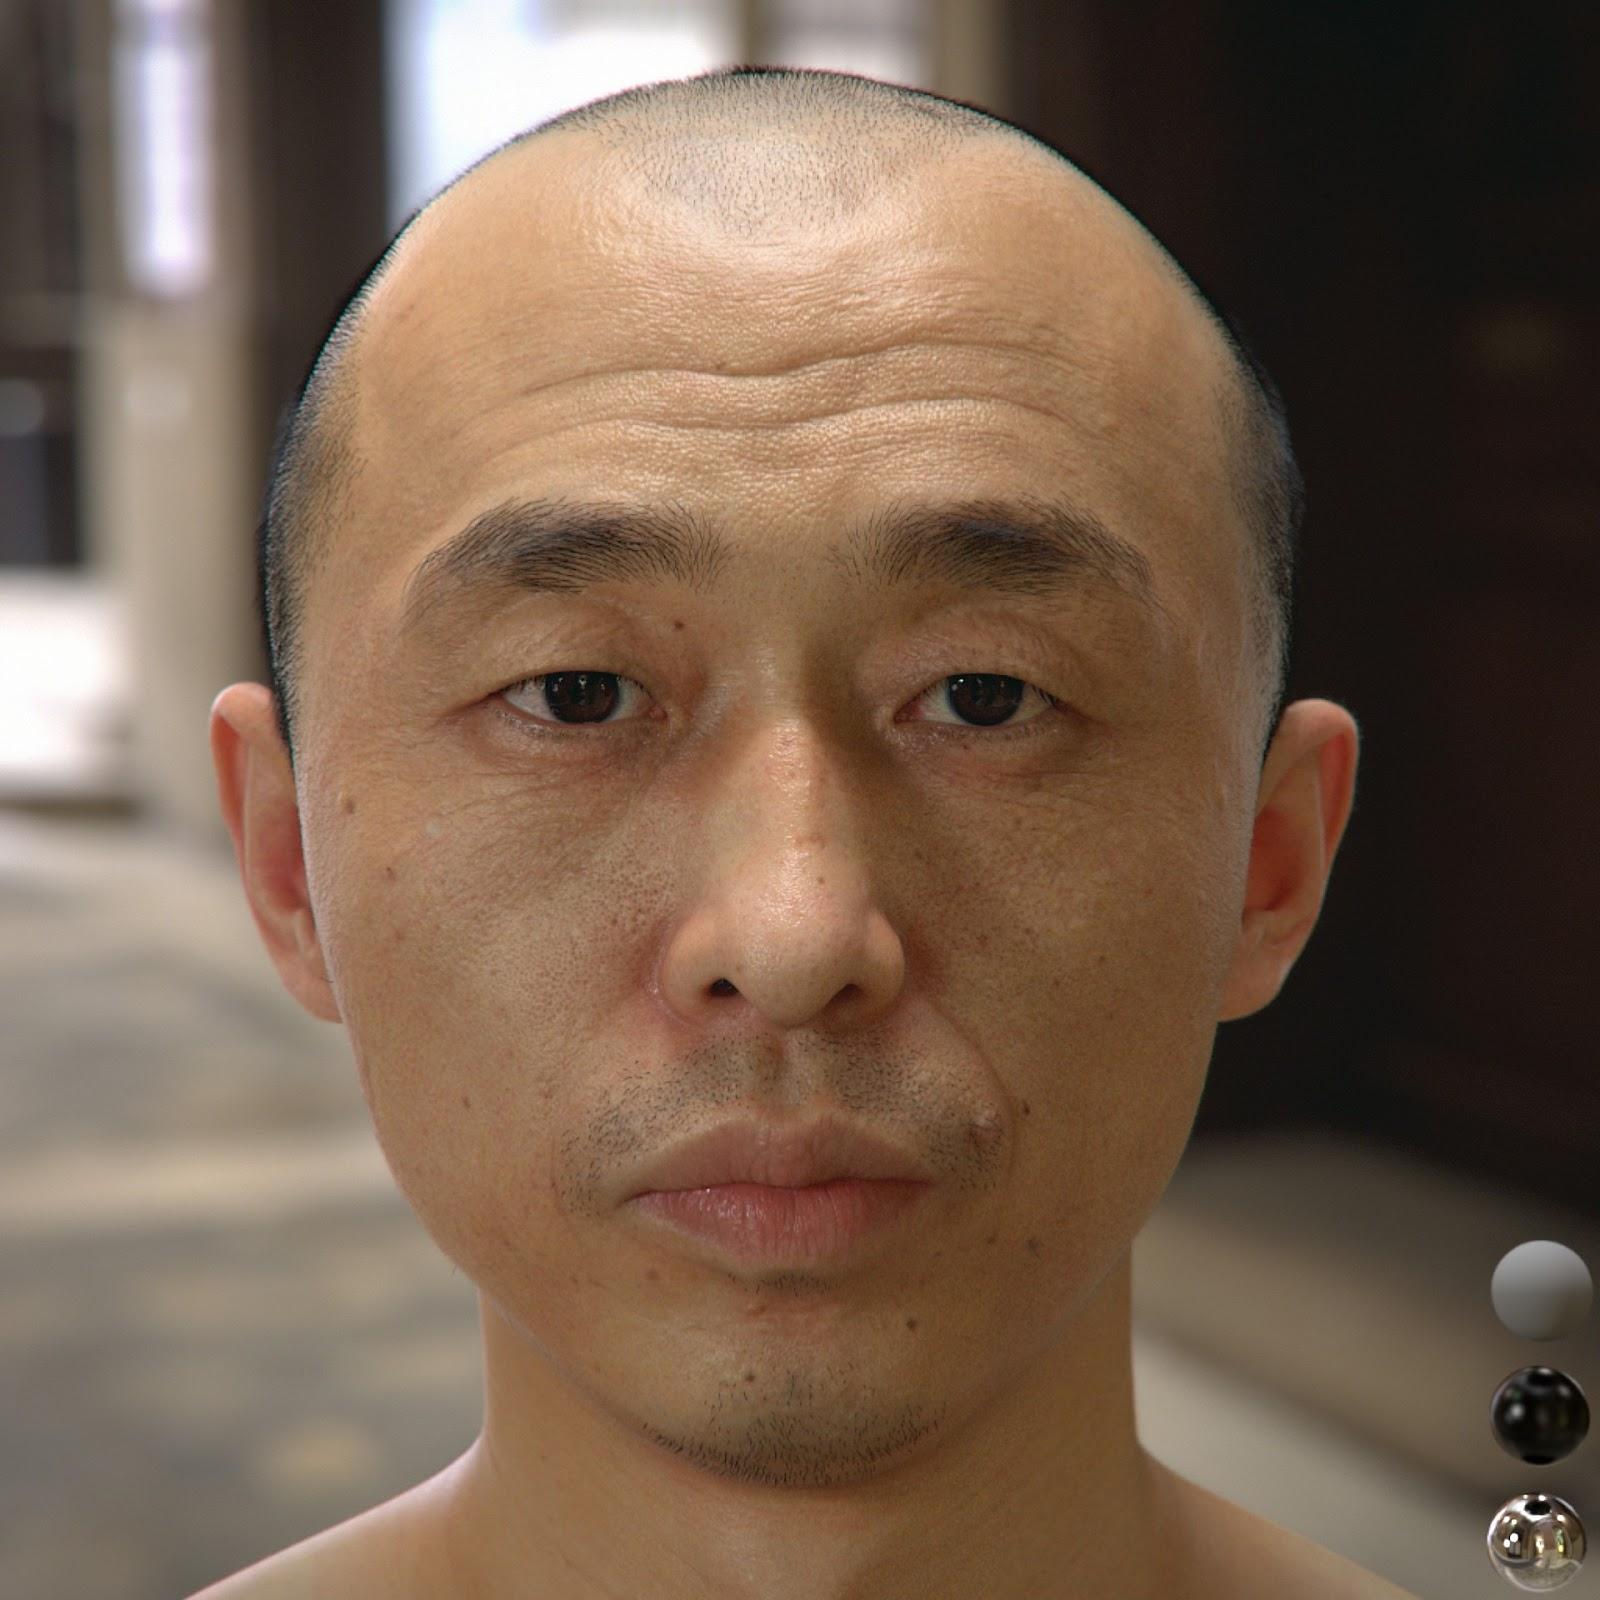 Head hentai photos 65